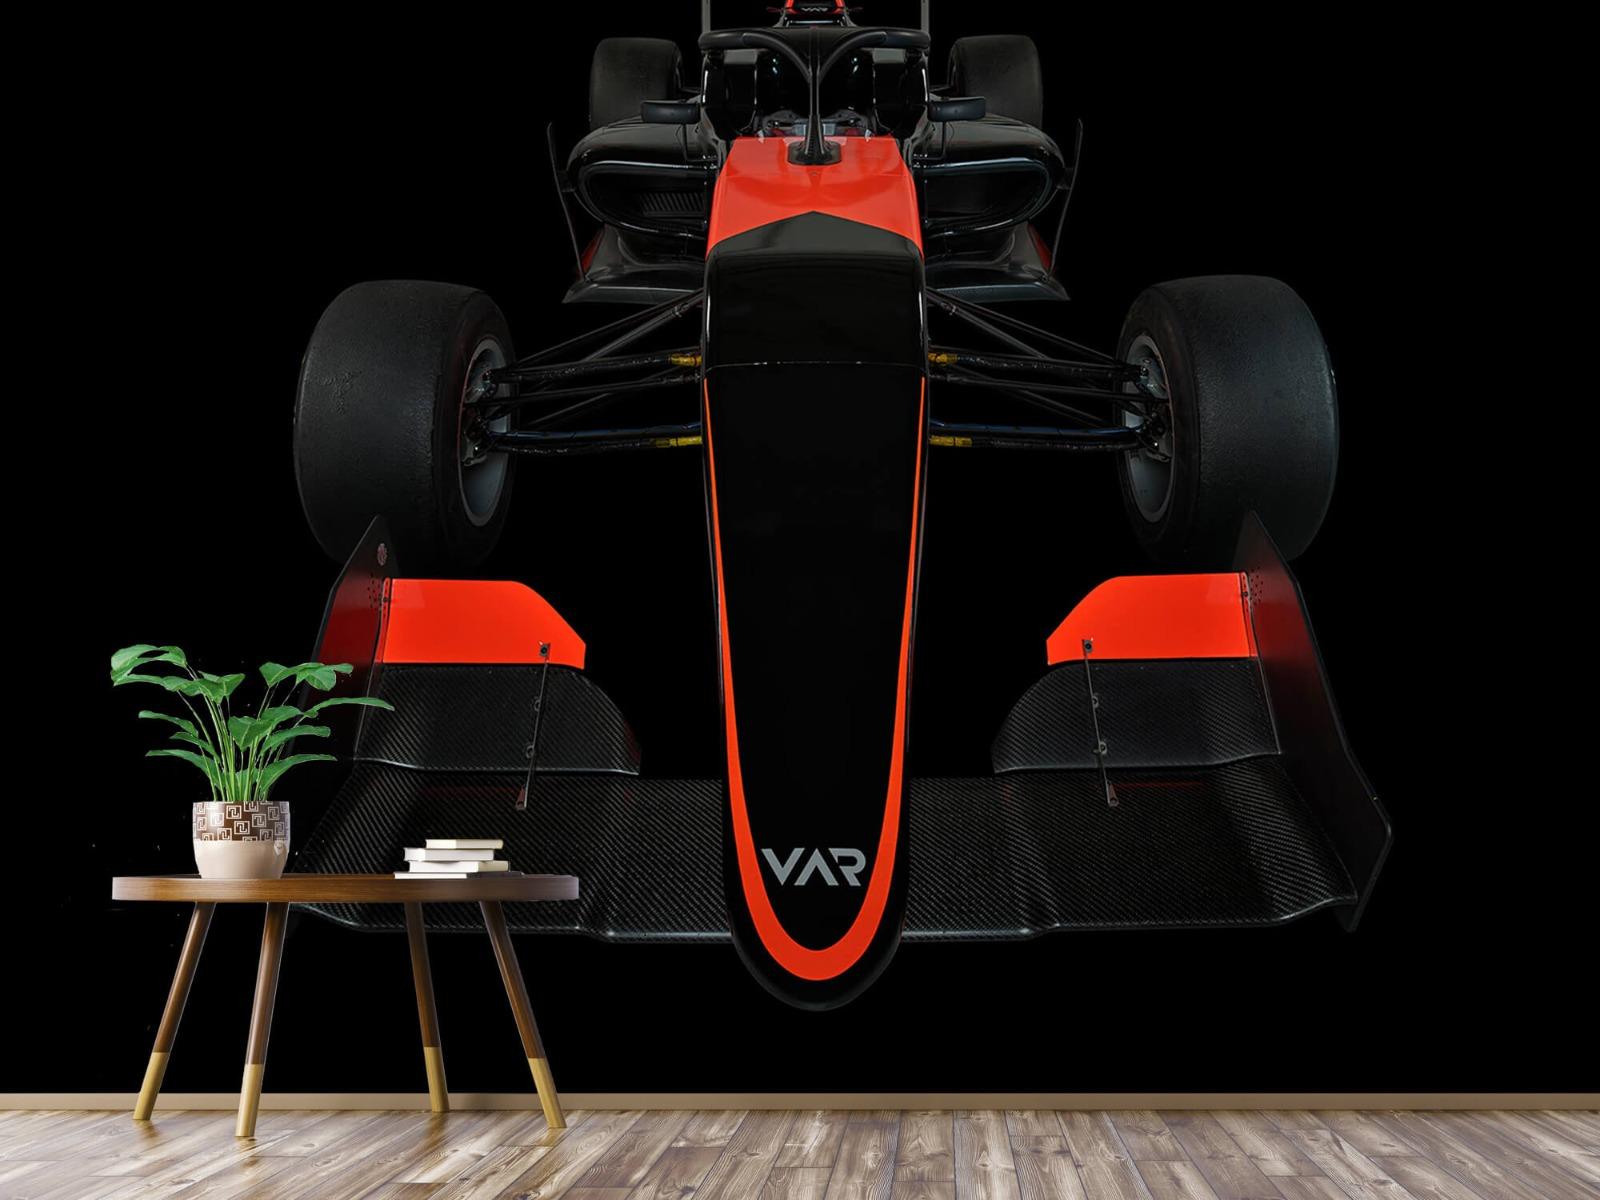 Sportauto's - Formule 3 - Front view - dark - Tienerkamer 4